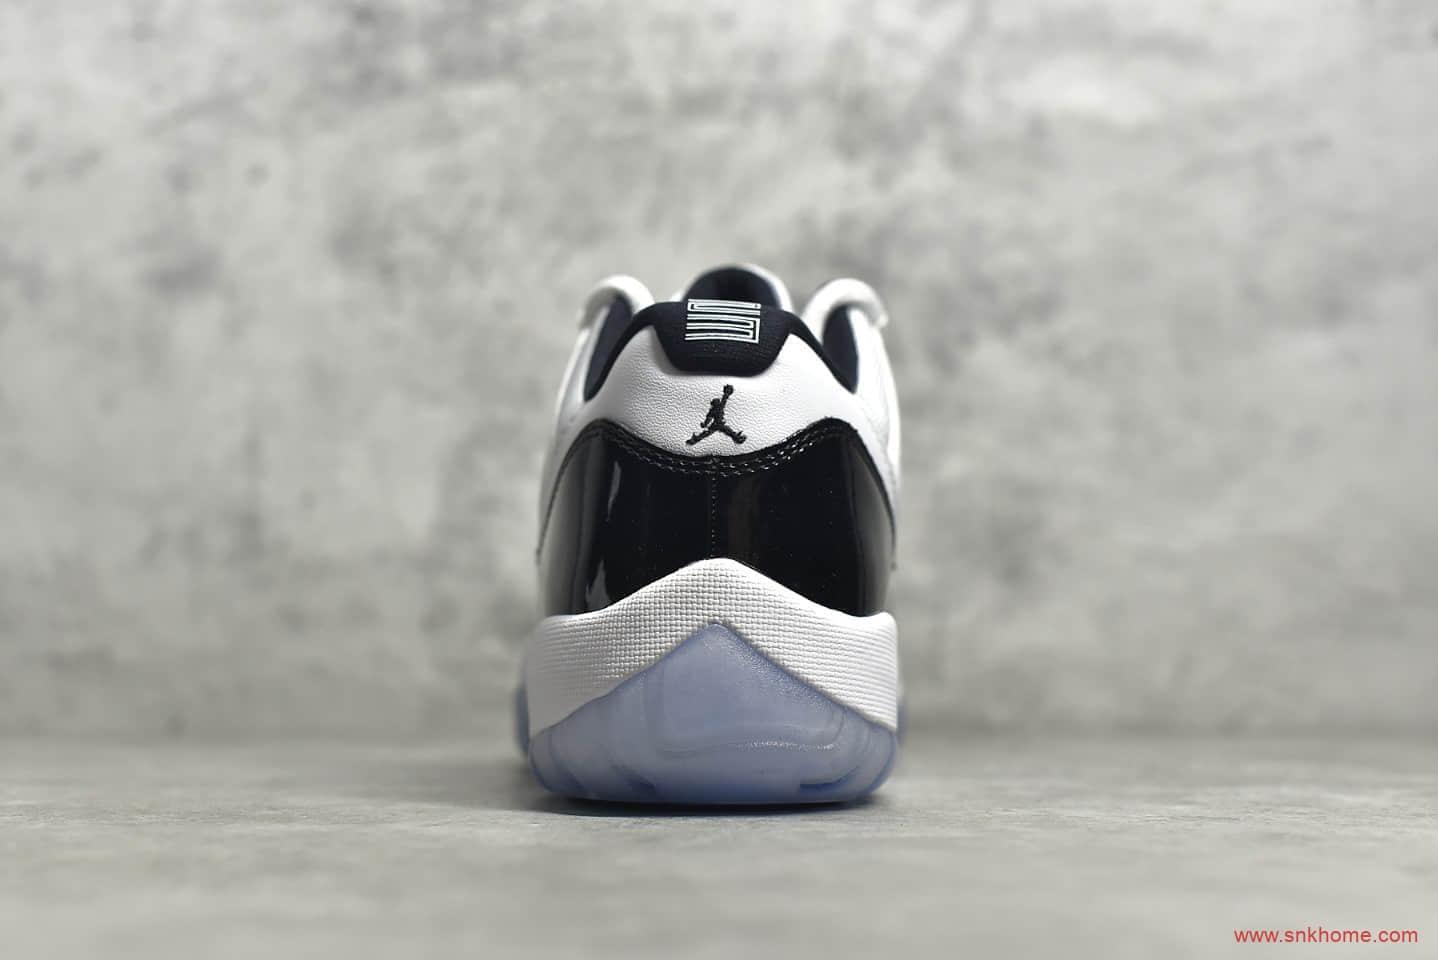 AJ11康扣低帮 Air Jordan 11 Low